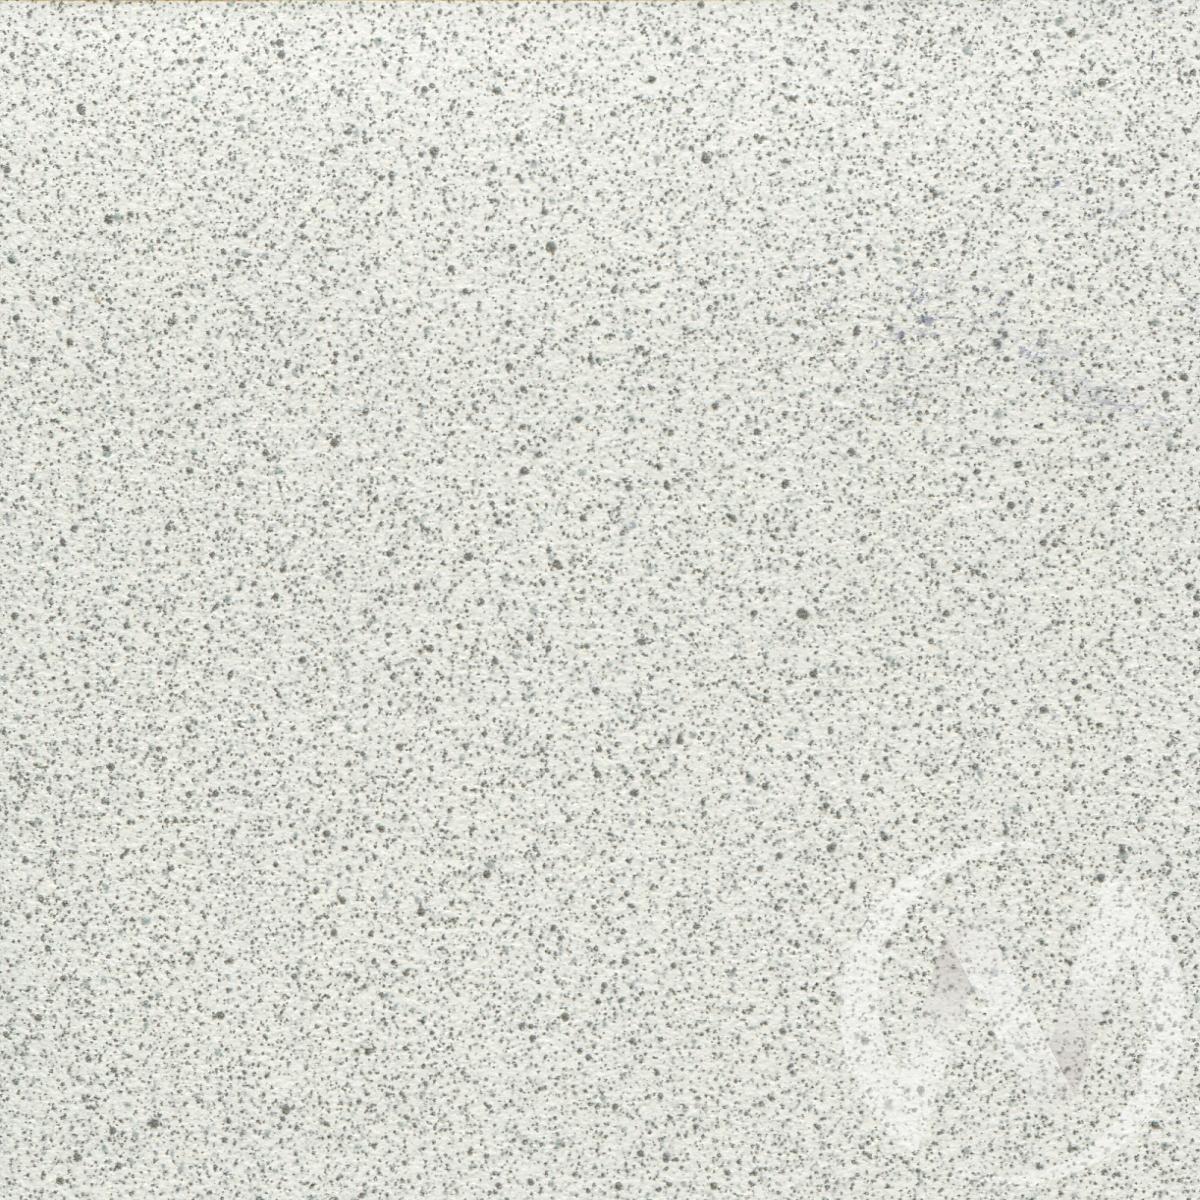 СТ-200 Столешница 200*600*26 (№ 4040 сахара белая)  в Томске — интернет магазин МИРА-мебель